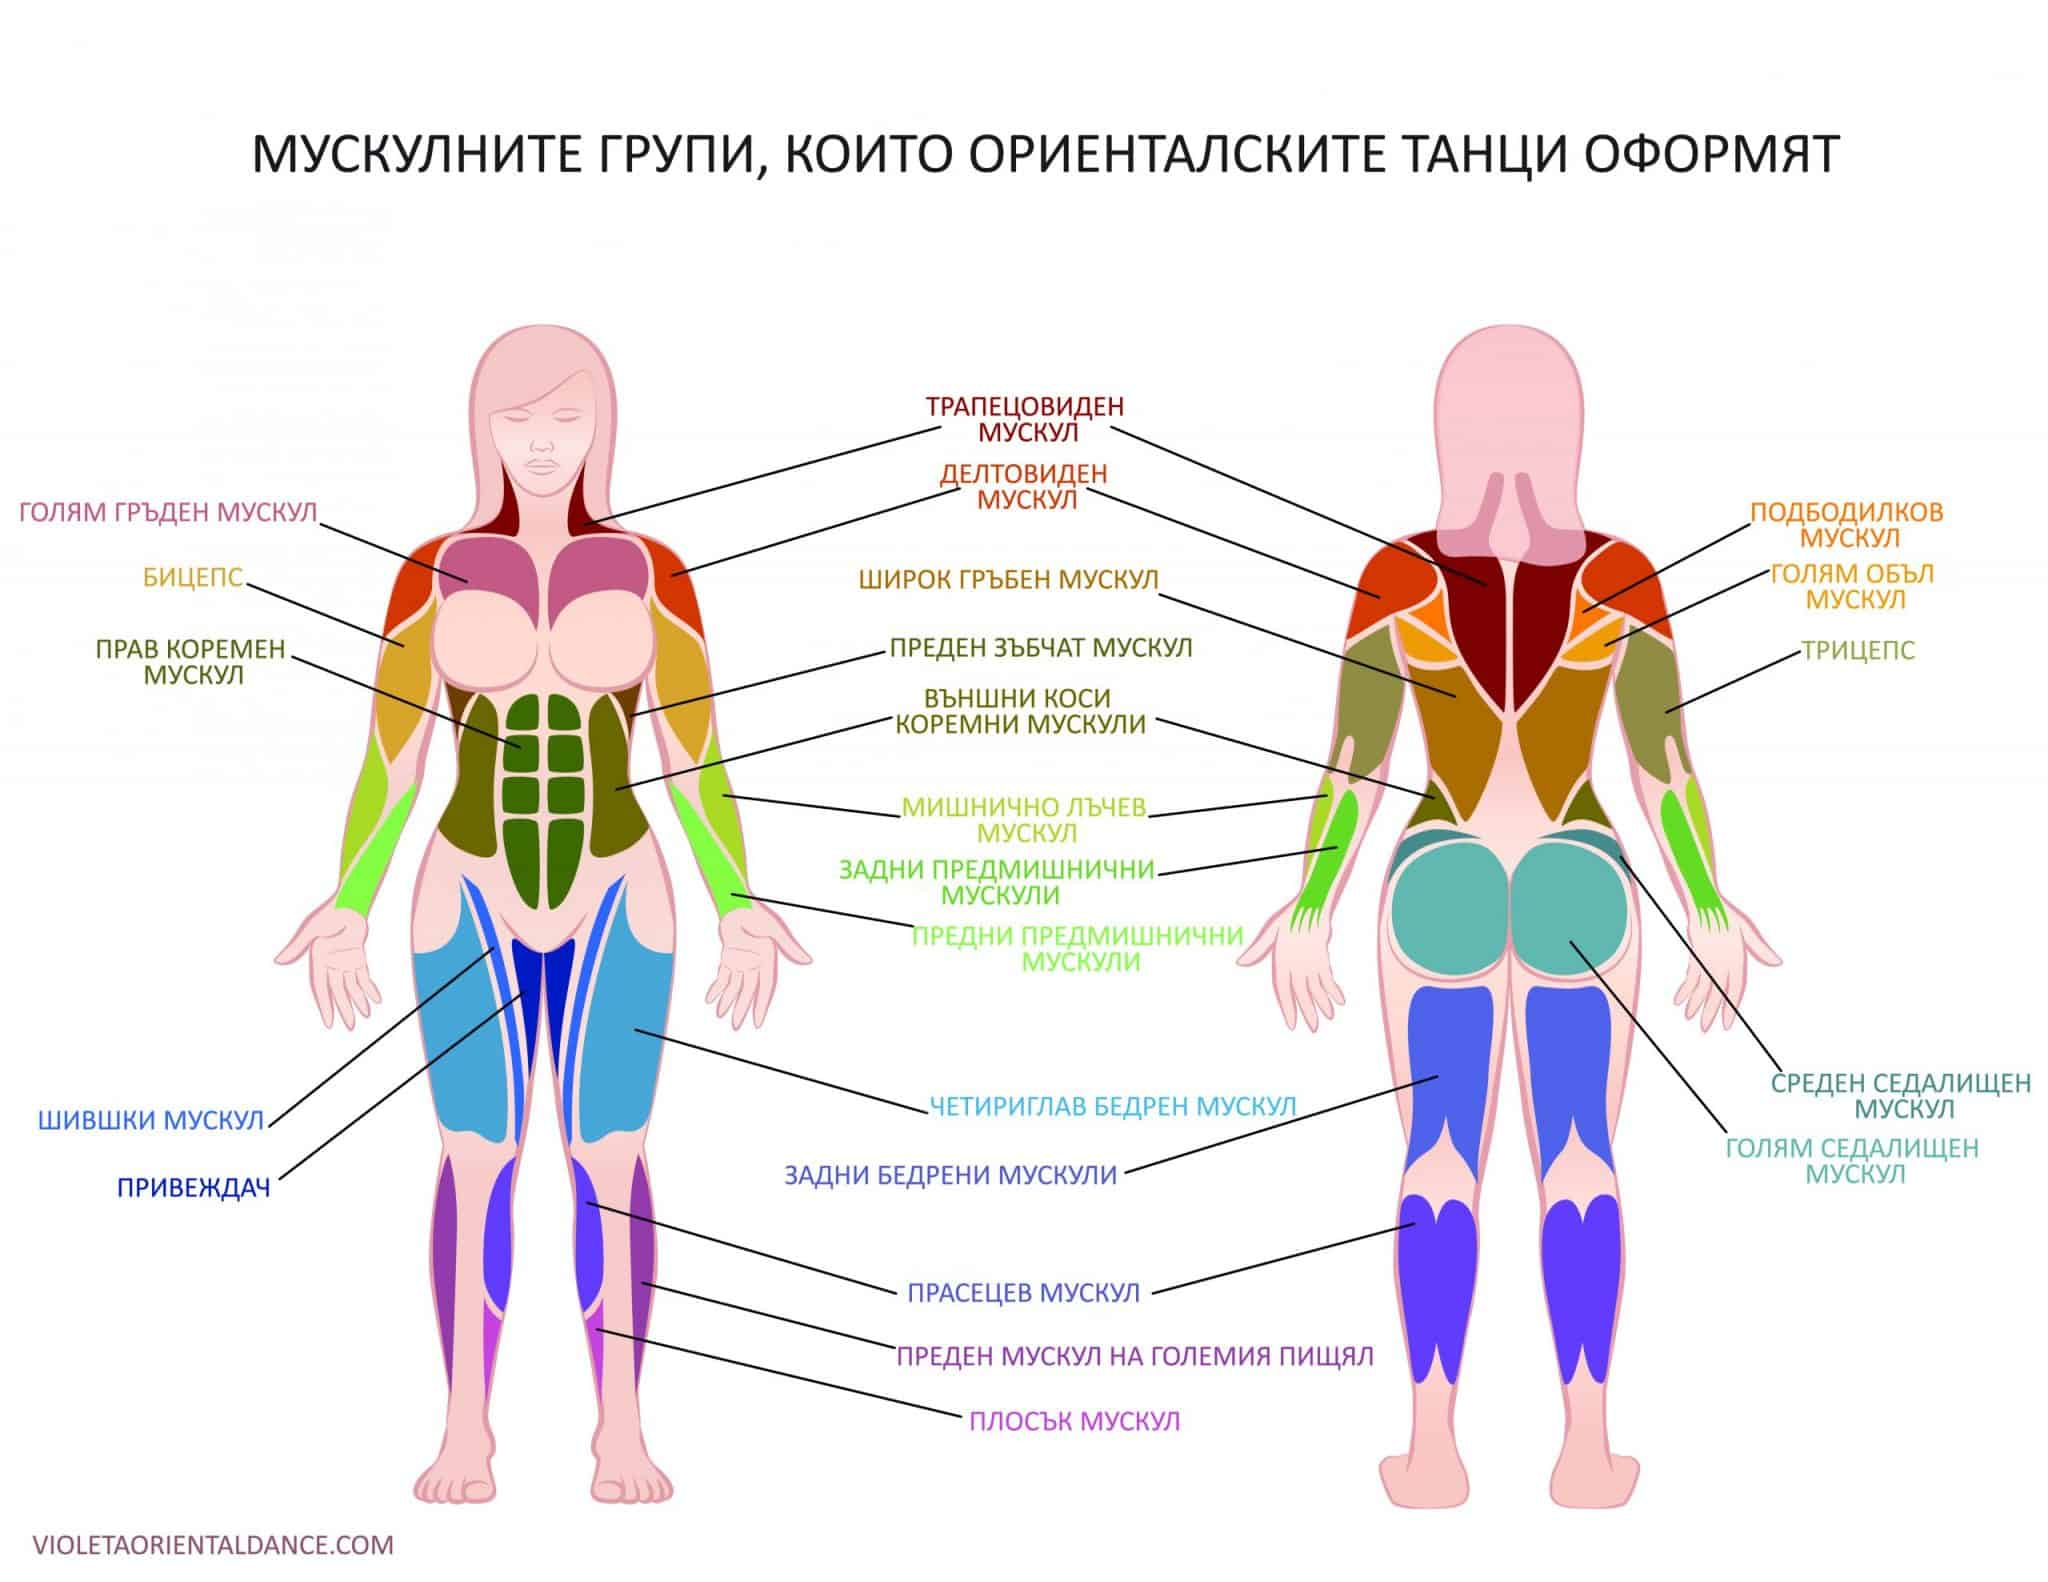 Мускулите, които ориенталските танци оформят